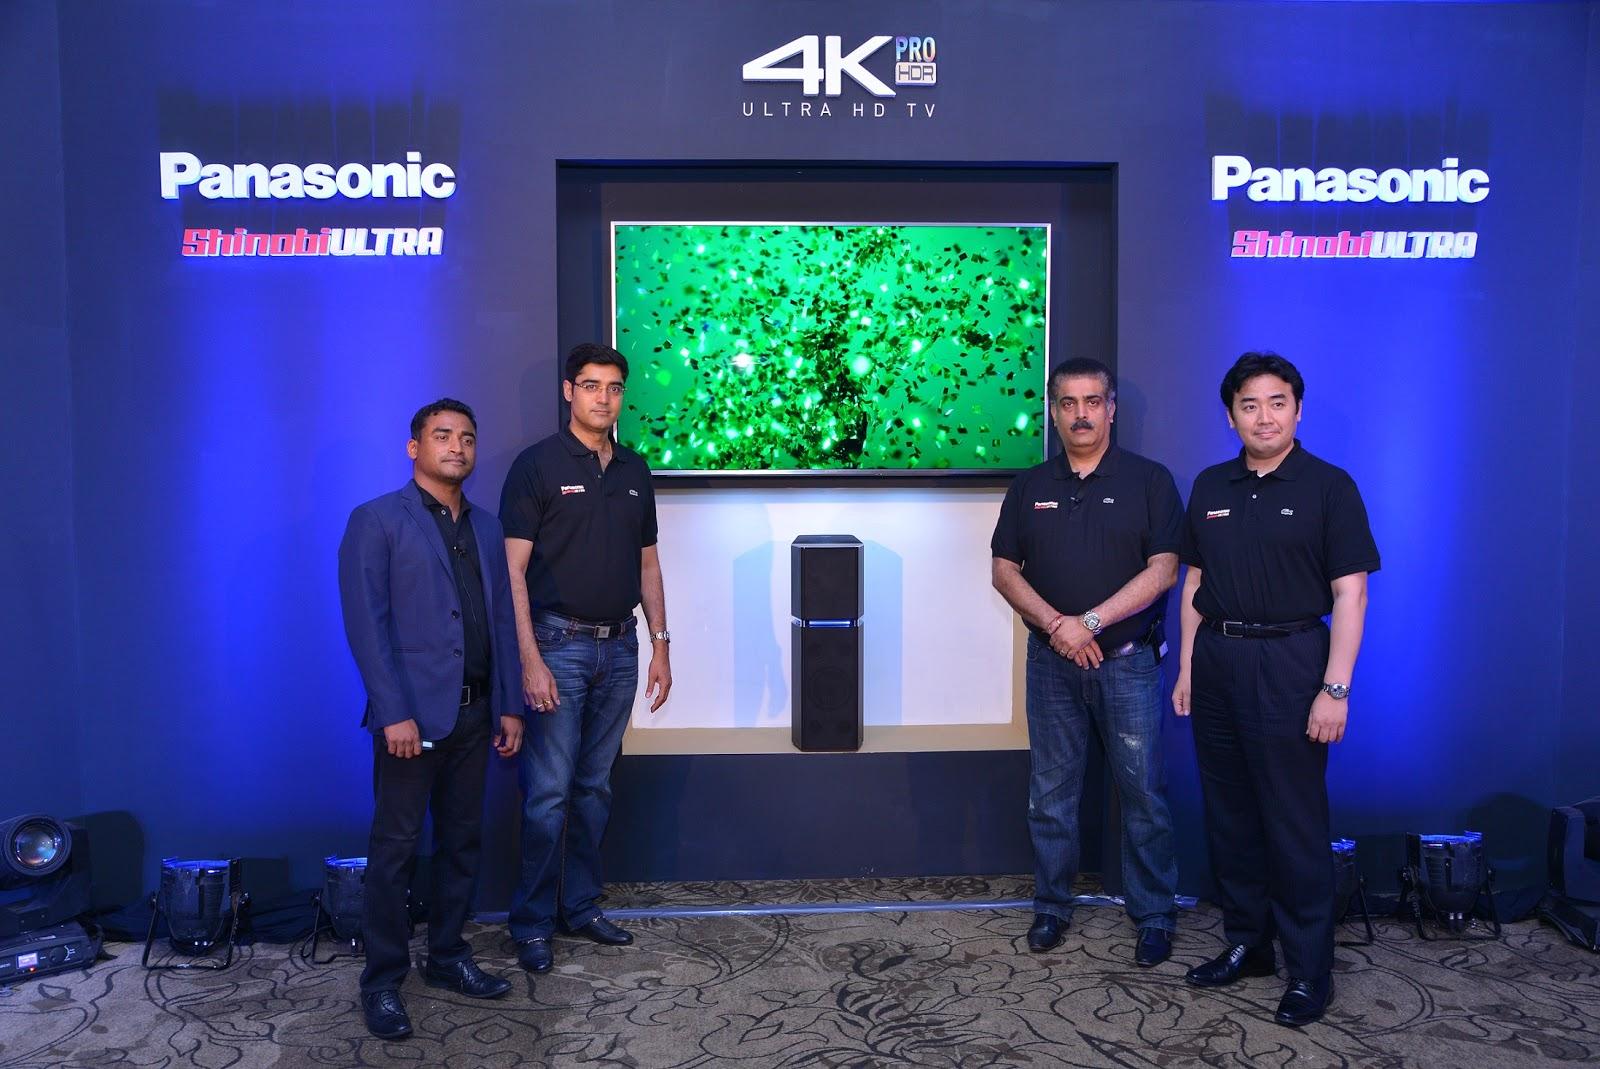 f8a4be786d1 Panasonic s New 4K Ultra HD TV And UA7 Sound System - TECHNOVATION 360